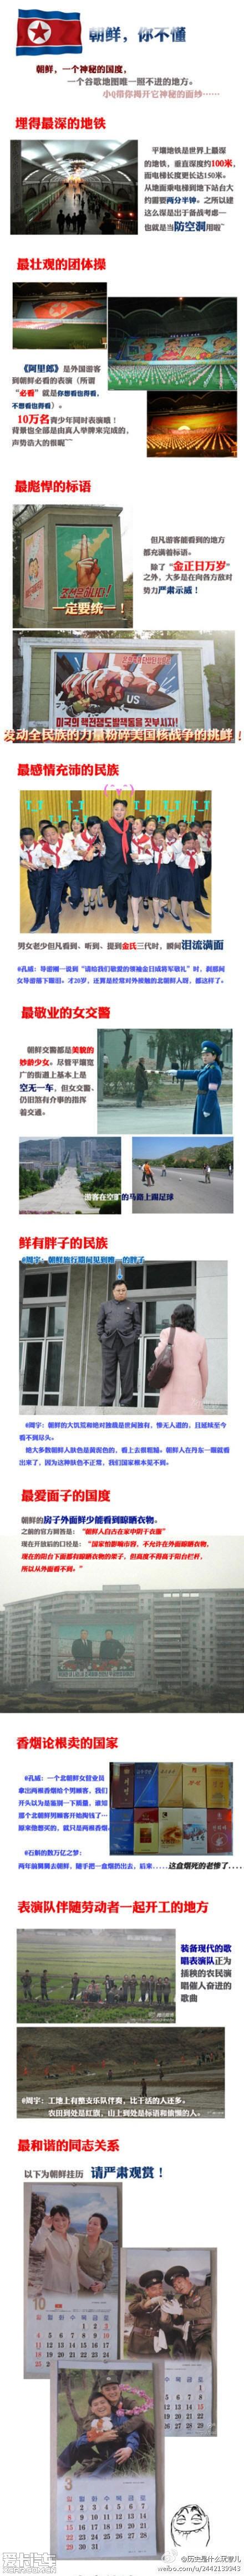 飞碟说 神秘的朝鲜